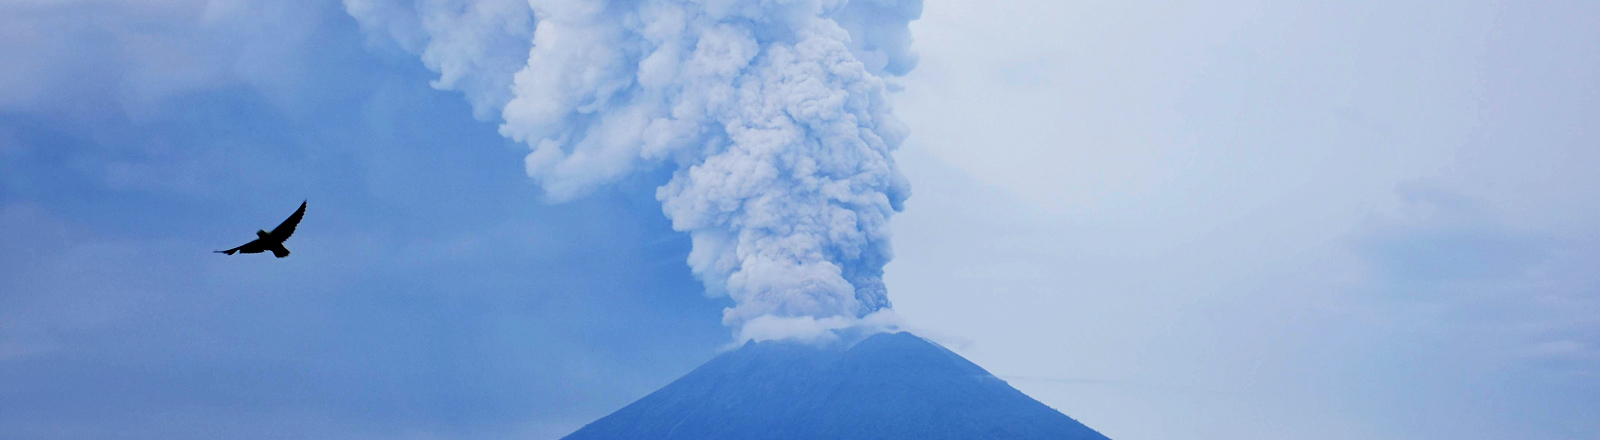 Aschewolke über dem Vulkan Mount Agung am 28.11.